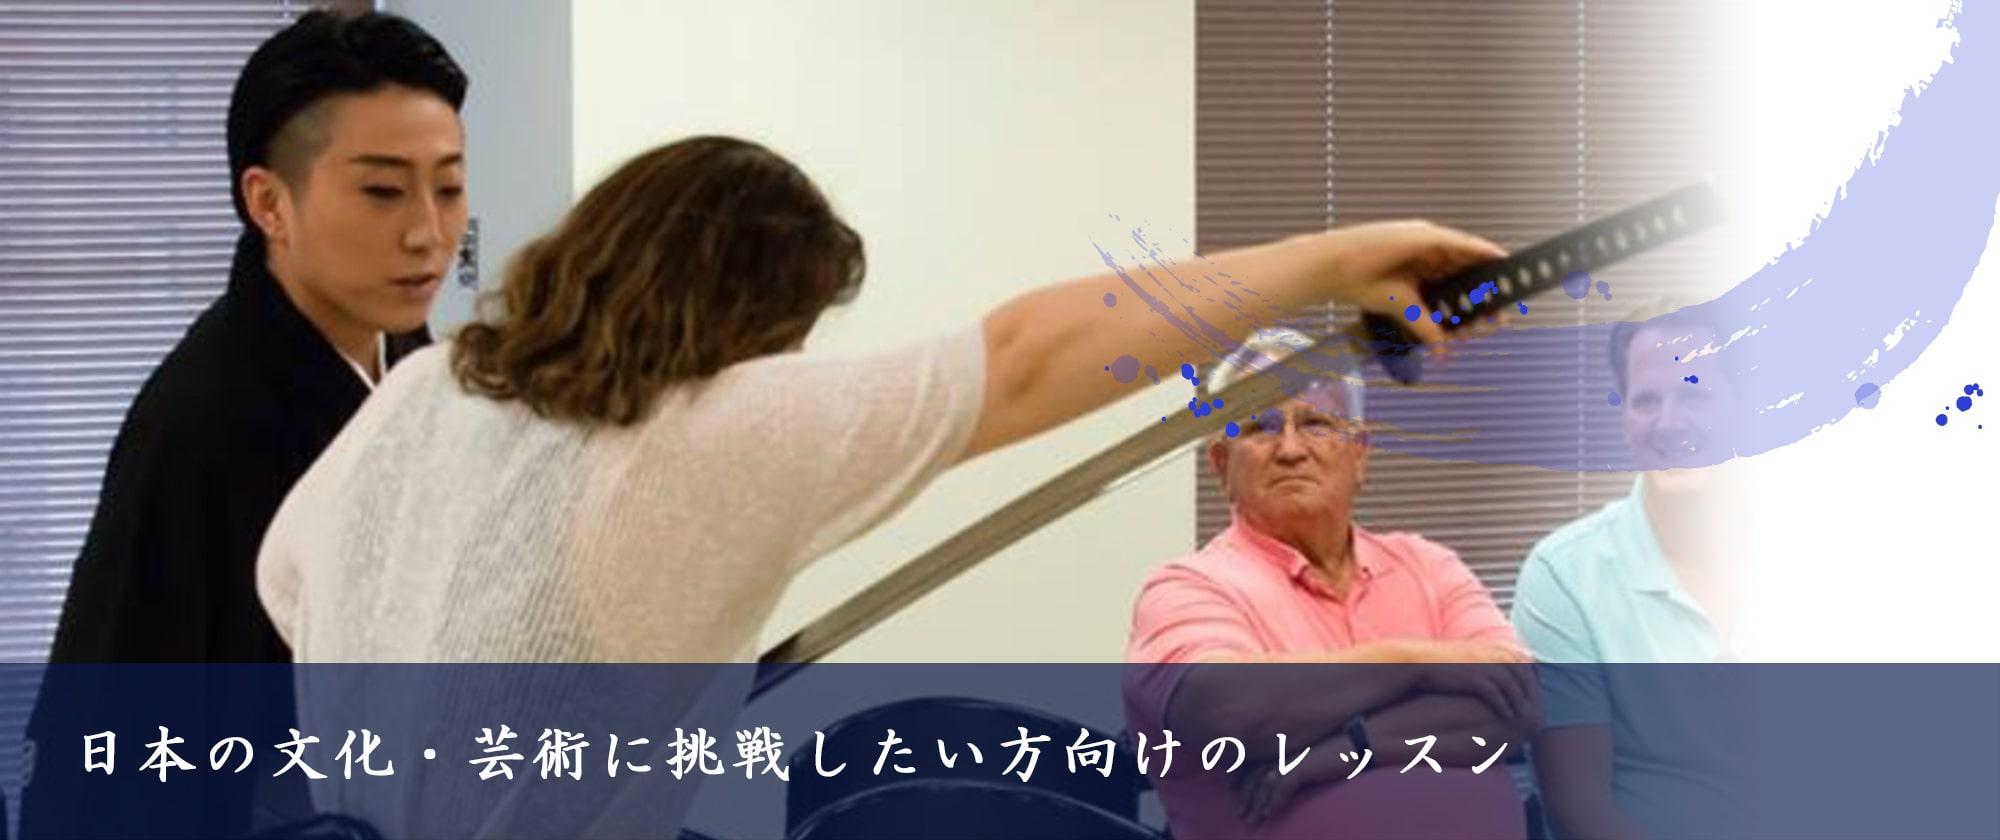 日本の文化・芸術に挑戦したい方向けのレッスン